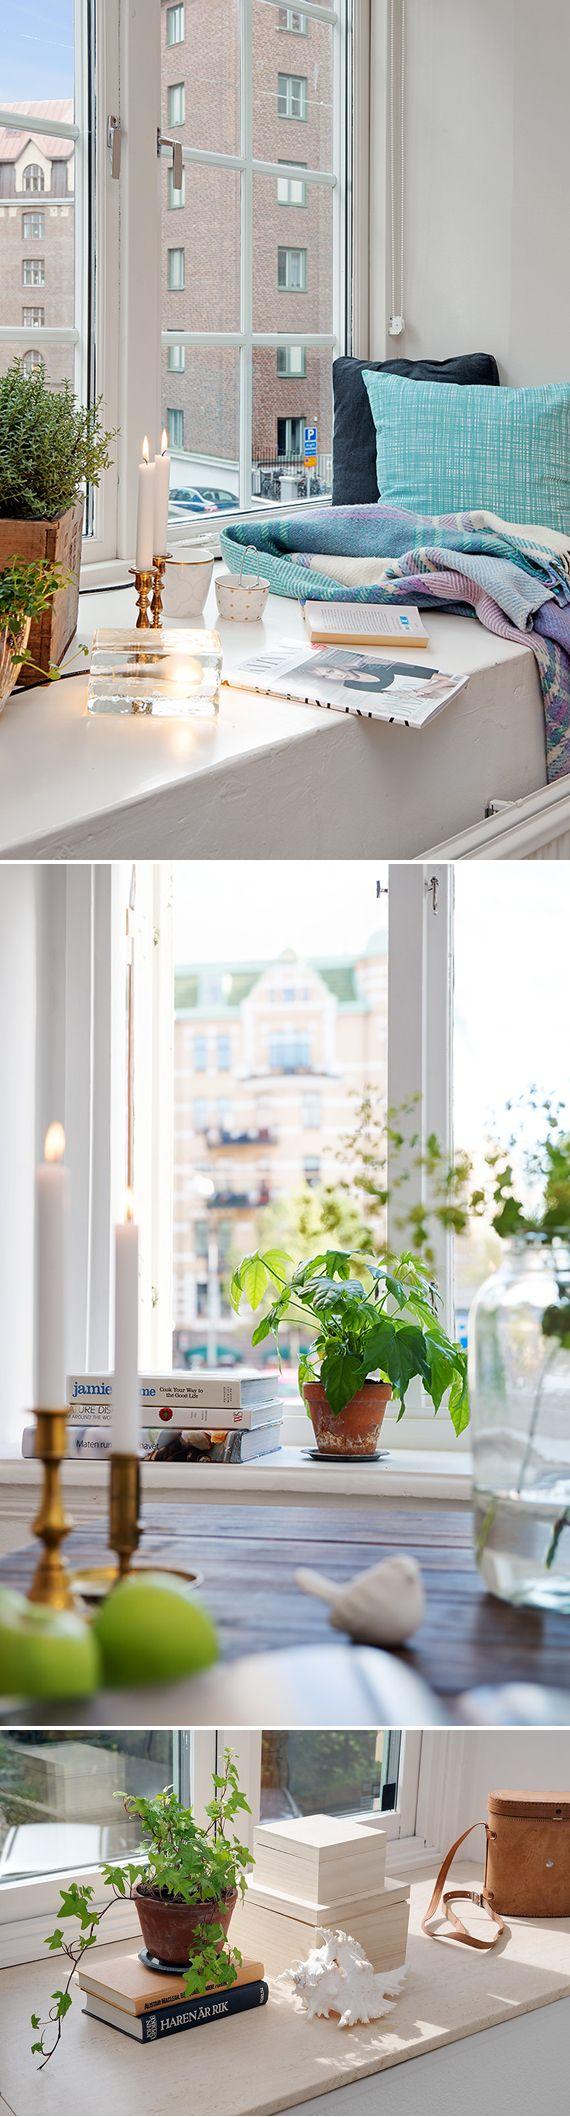 Inspiration till din fönsterbräda